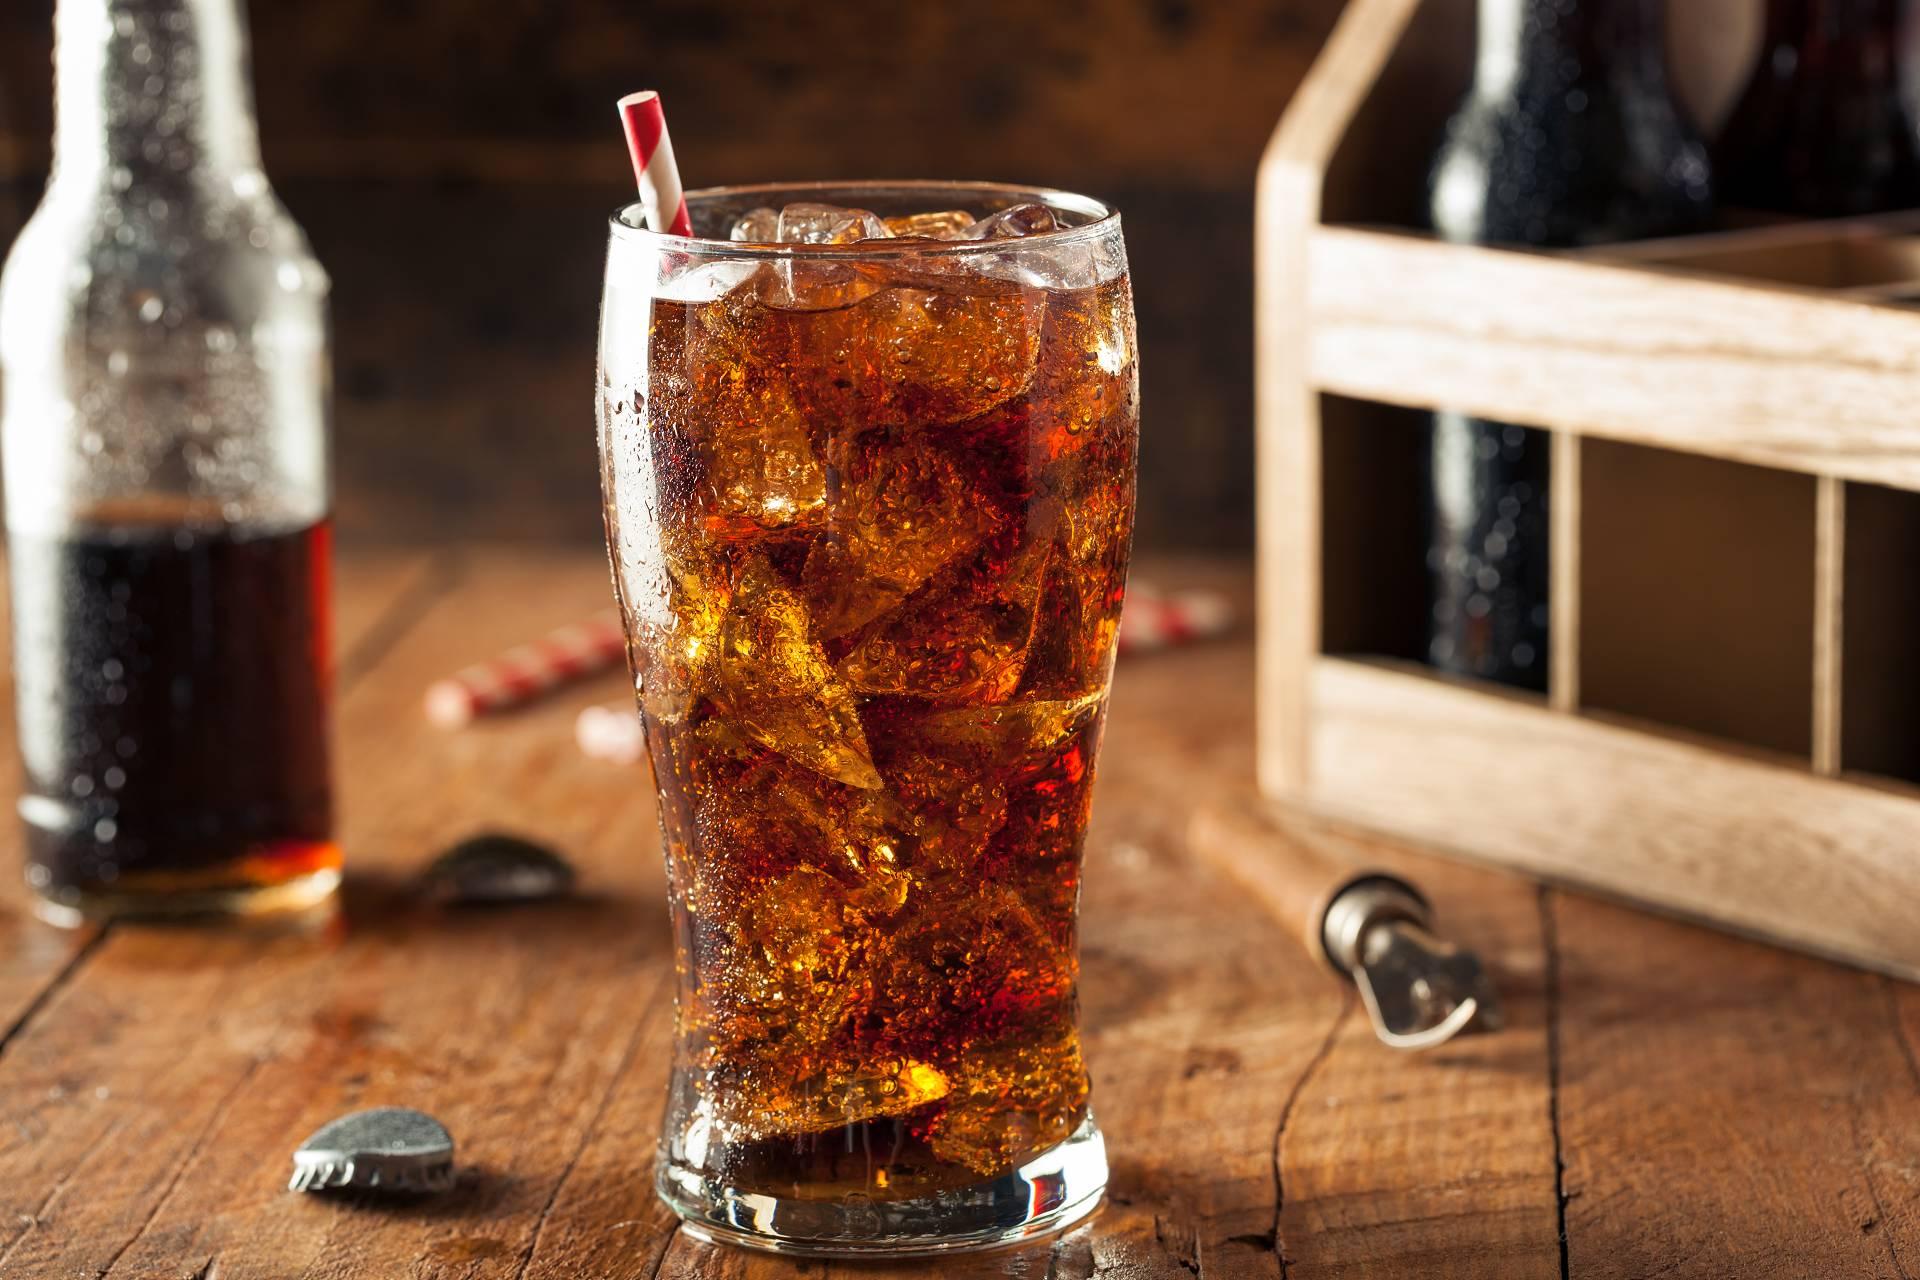 Diät-Softgetränke mit Süßstoff: Steigern sie den Appetit und das Verlangen nach Süßem?